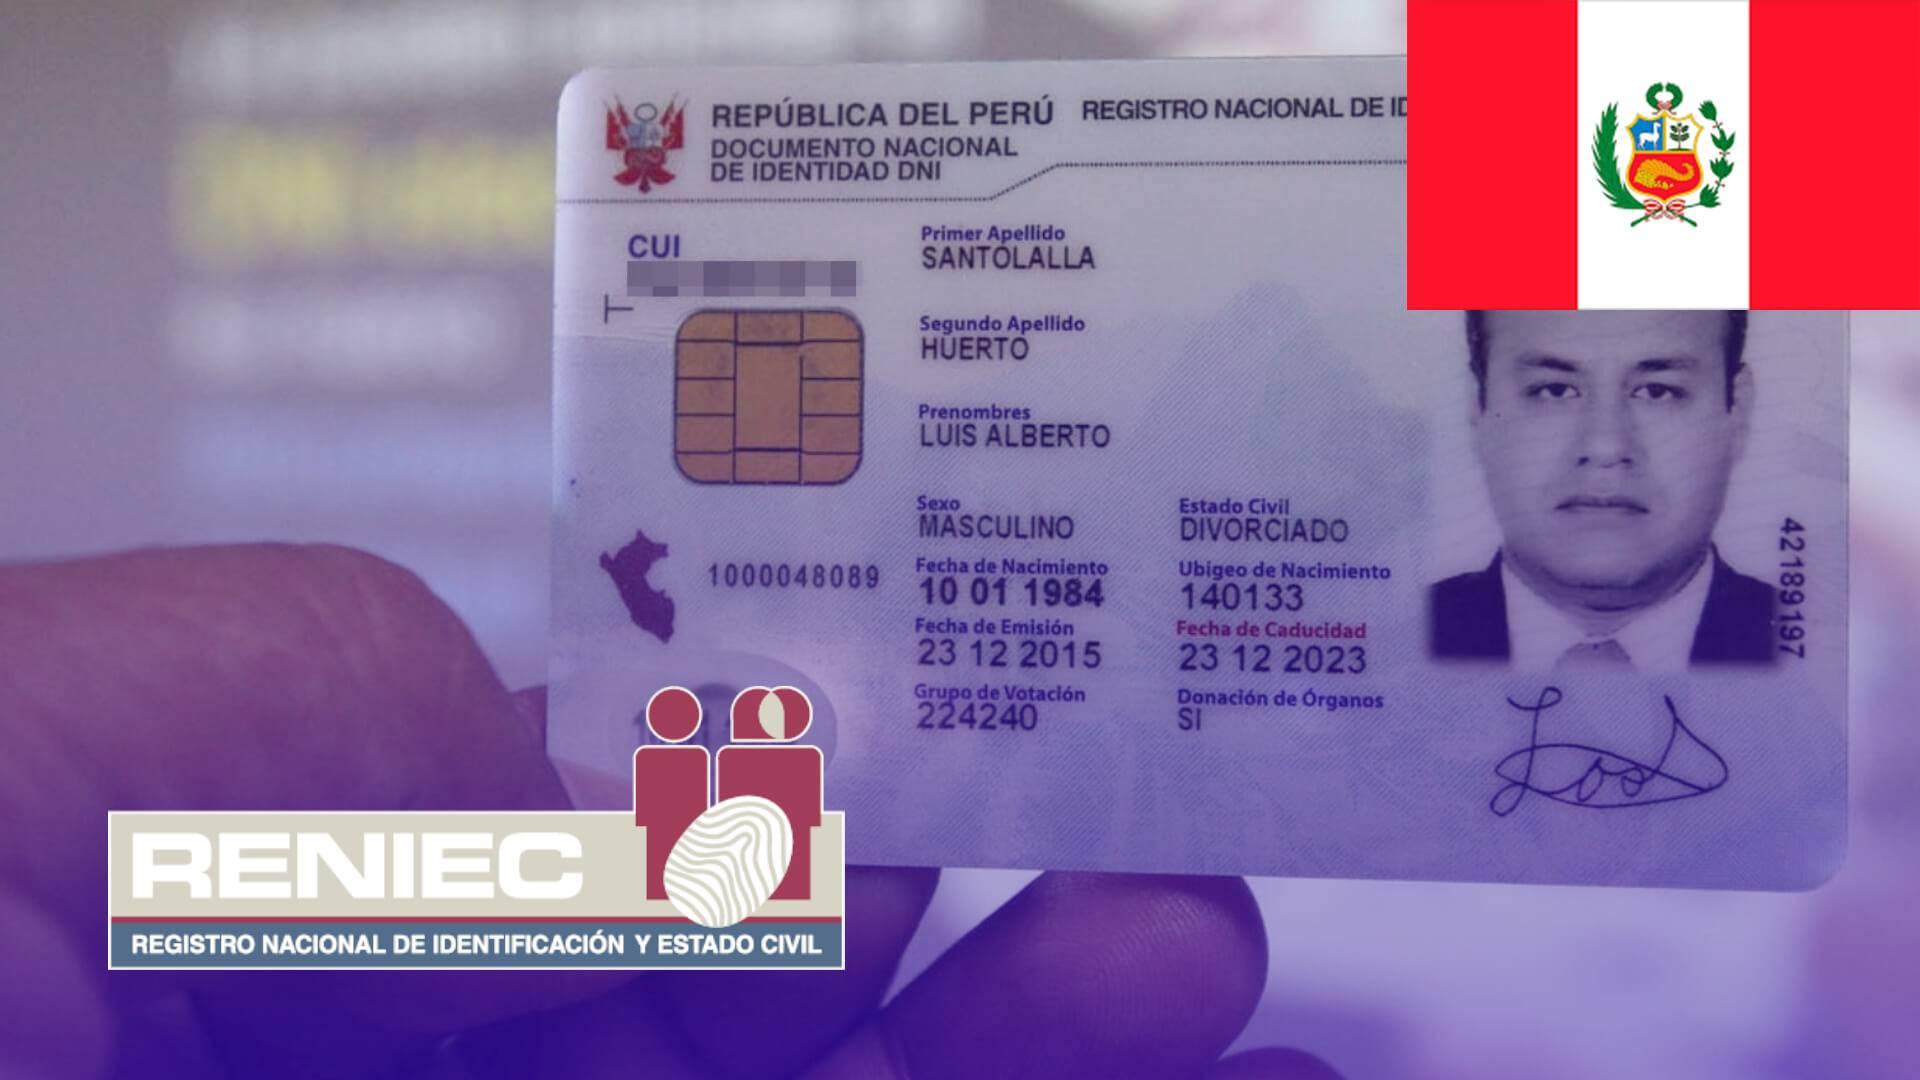 Оформление студенческой визы и карточки nie в испании: пошаговая инструкция